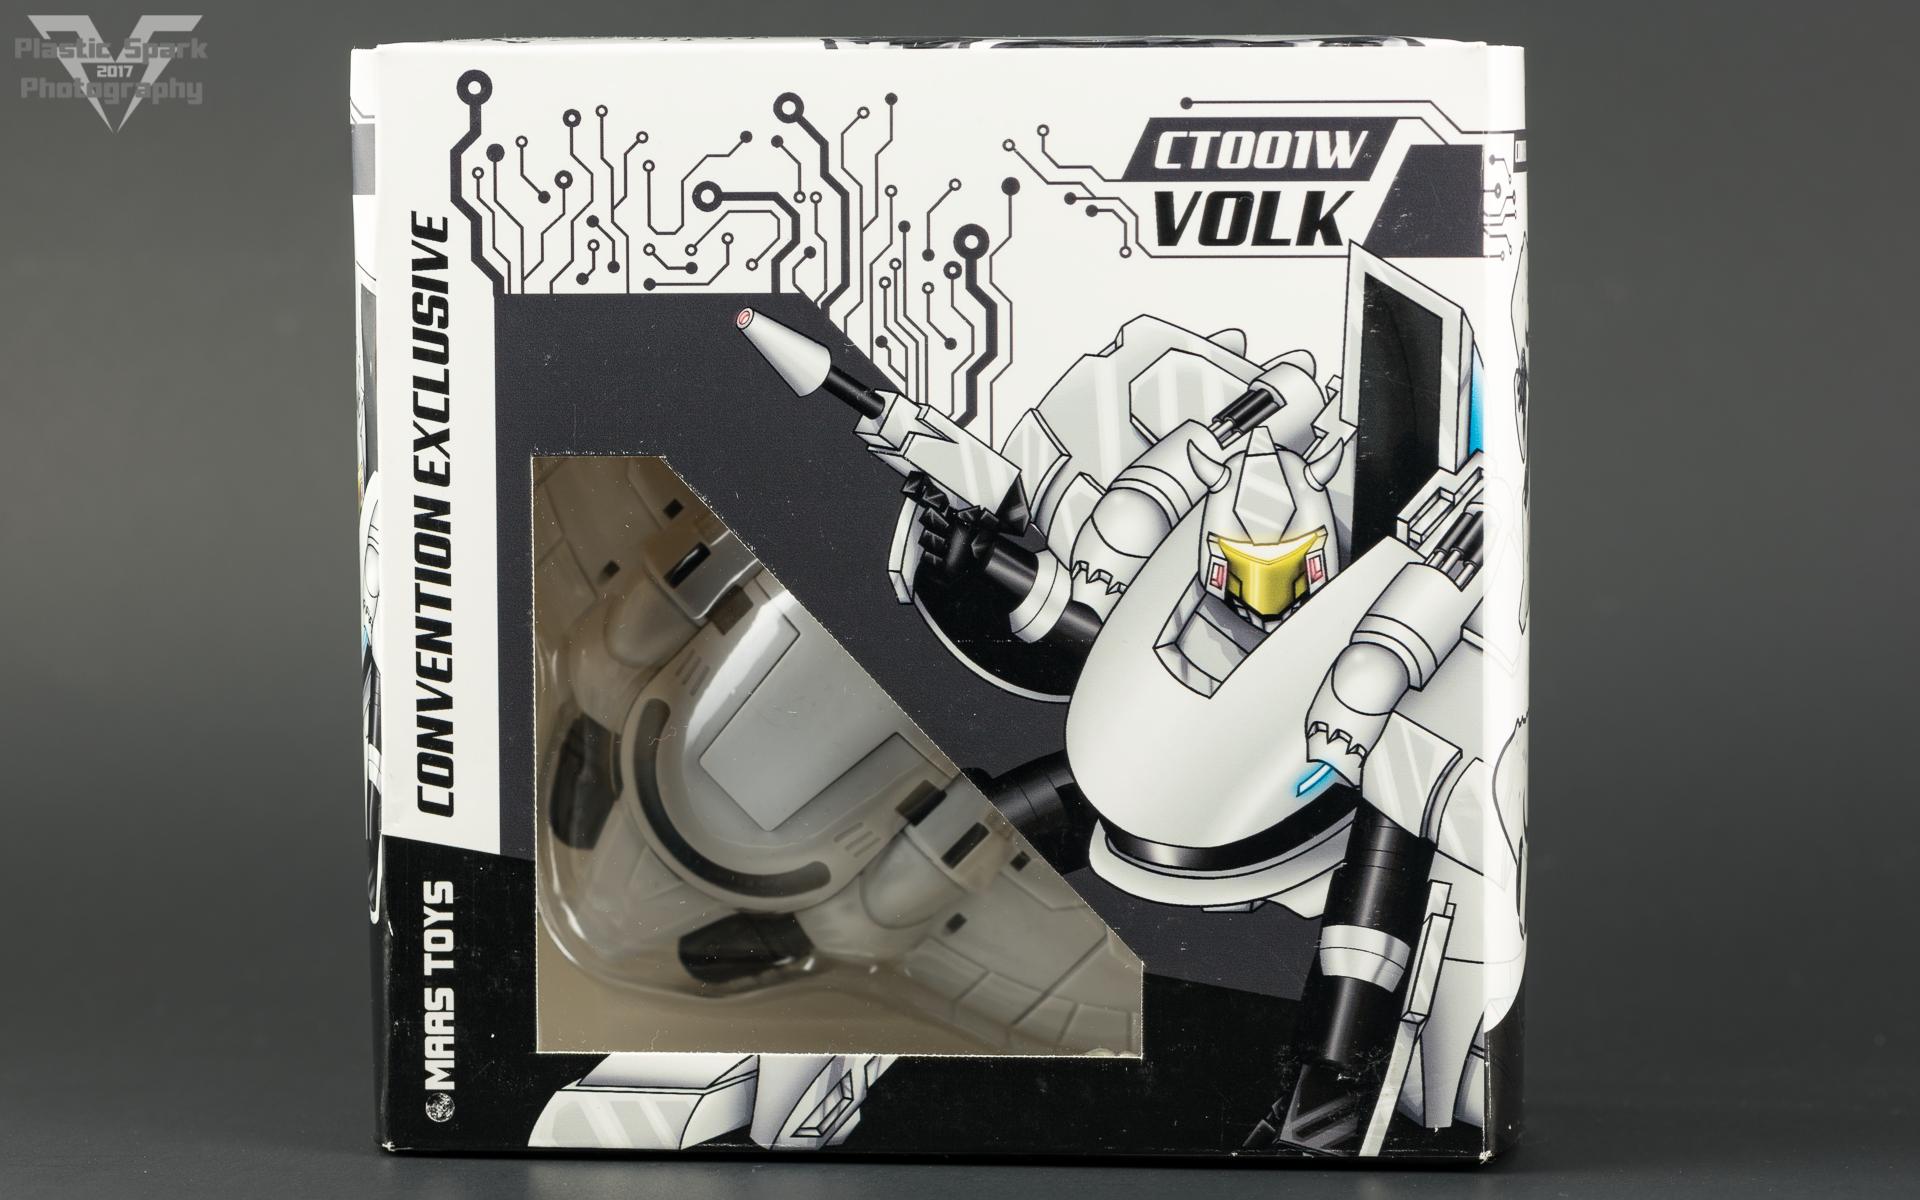 MAAS-Toys-Volk-(1-of-36).png